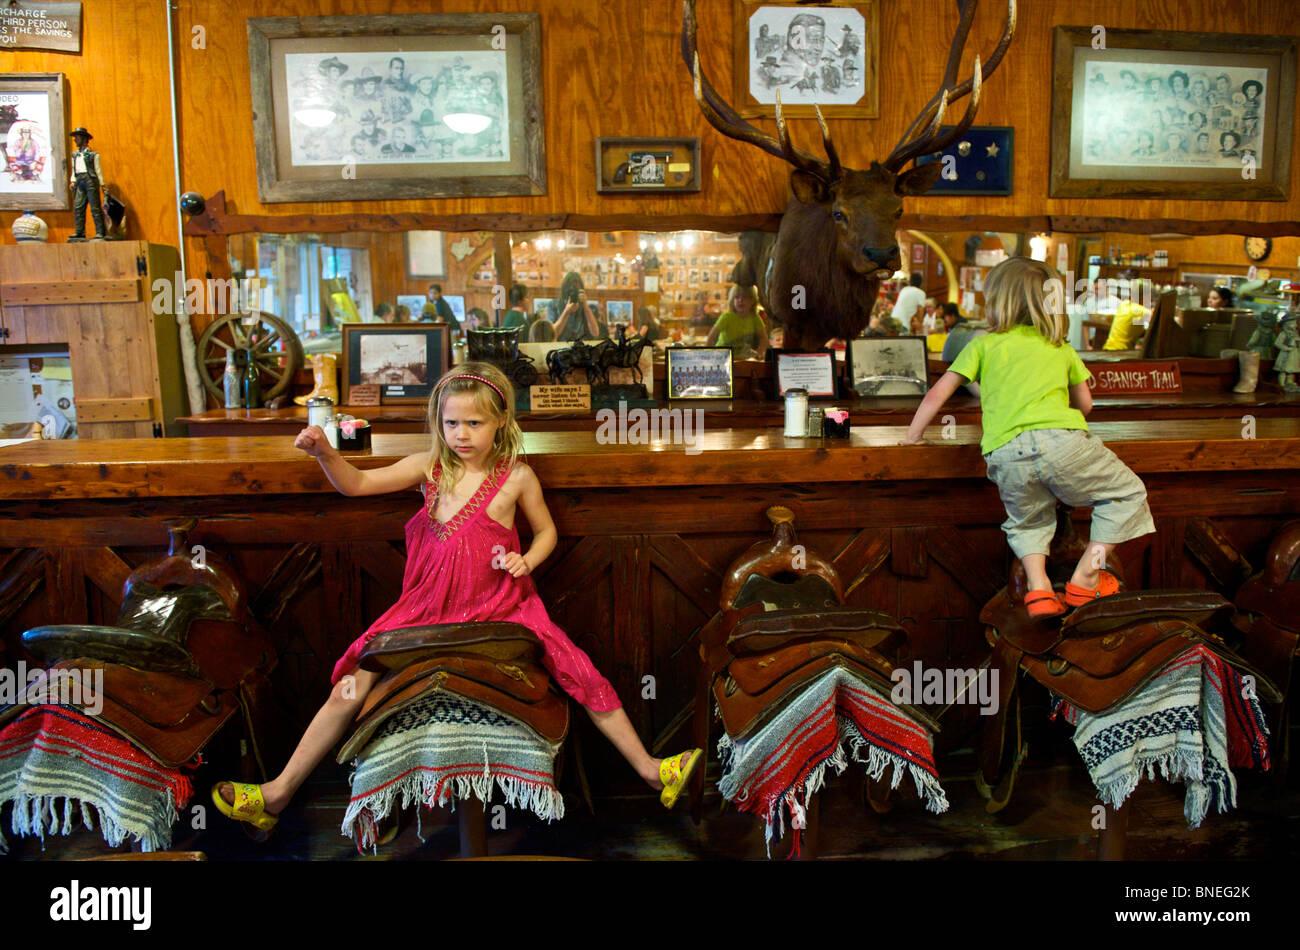 Les enfants jouant sur les outils de la Selle Bar espagnol, Texas Hill Country, Bandera, Texas, USA Banque D'Images